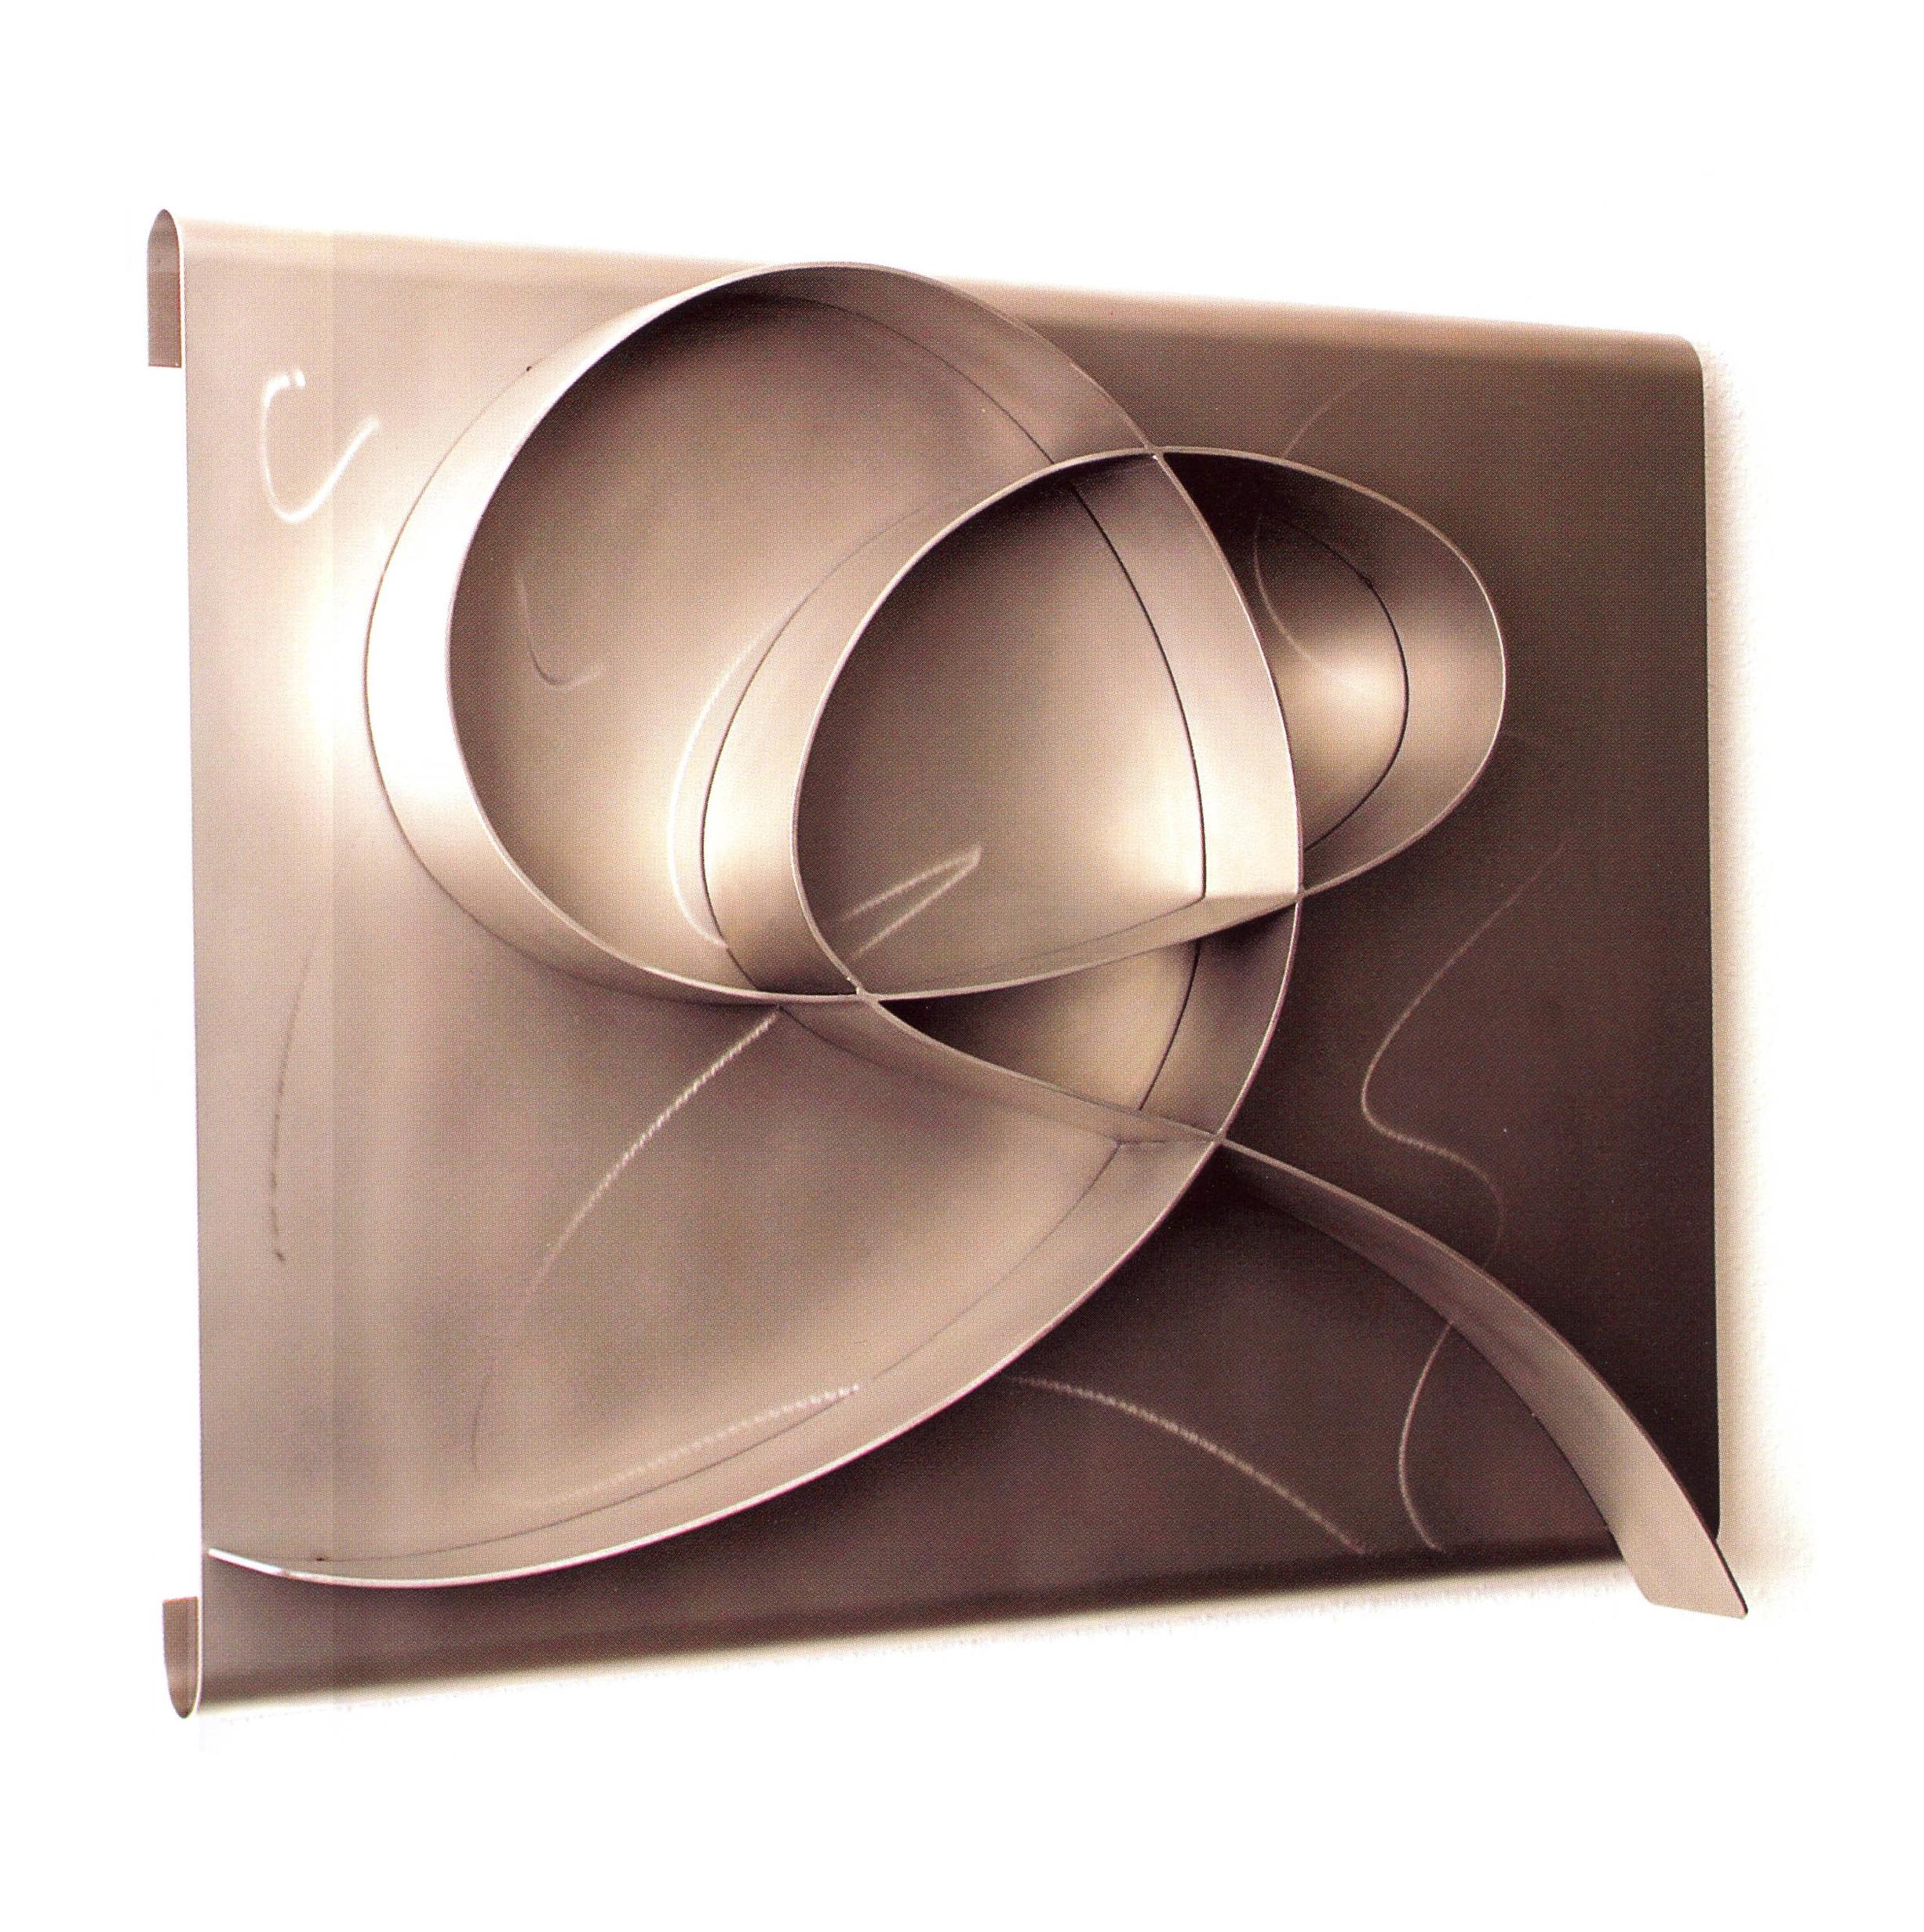 Rita Blitt   Haiku Harmony  , Stainless Steel, 20'' x 26'' x 1.5'', 2003